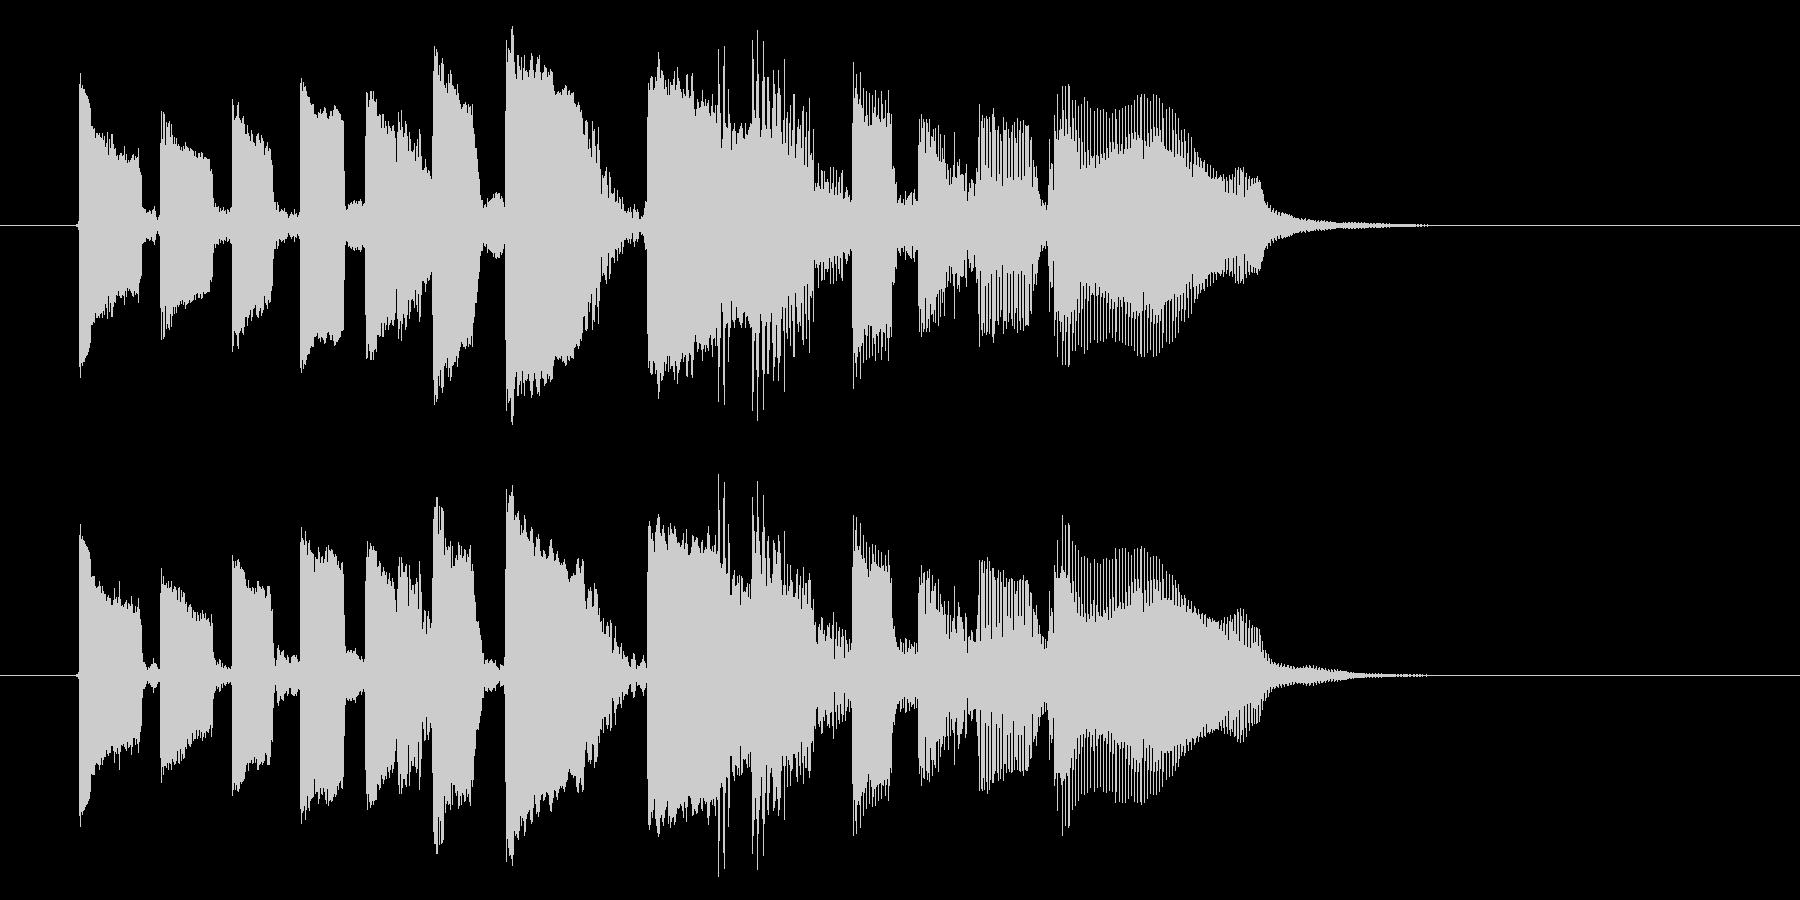 エレキ カントリー切り替え5 一件落着の未再生の波形